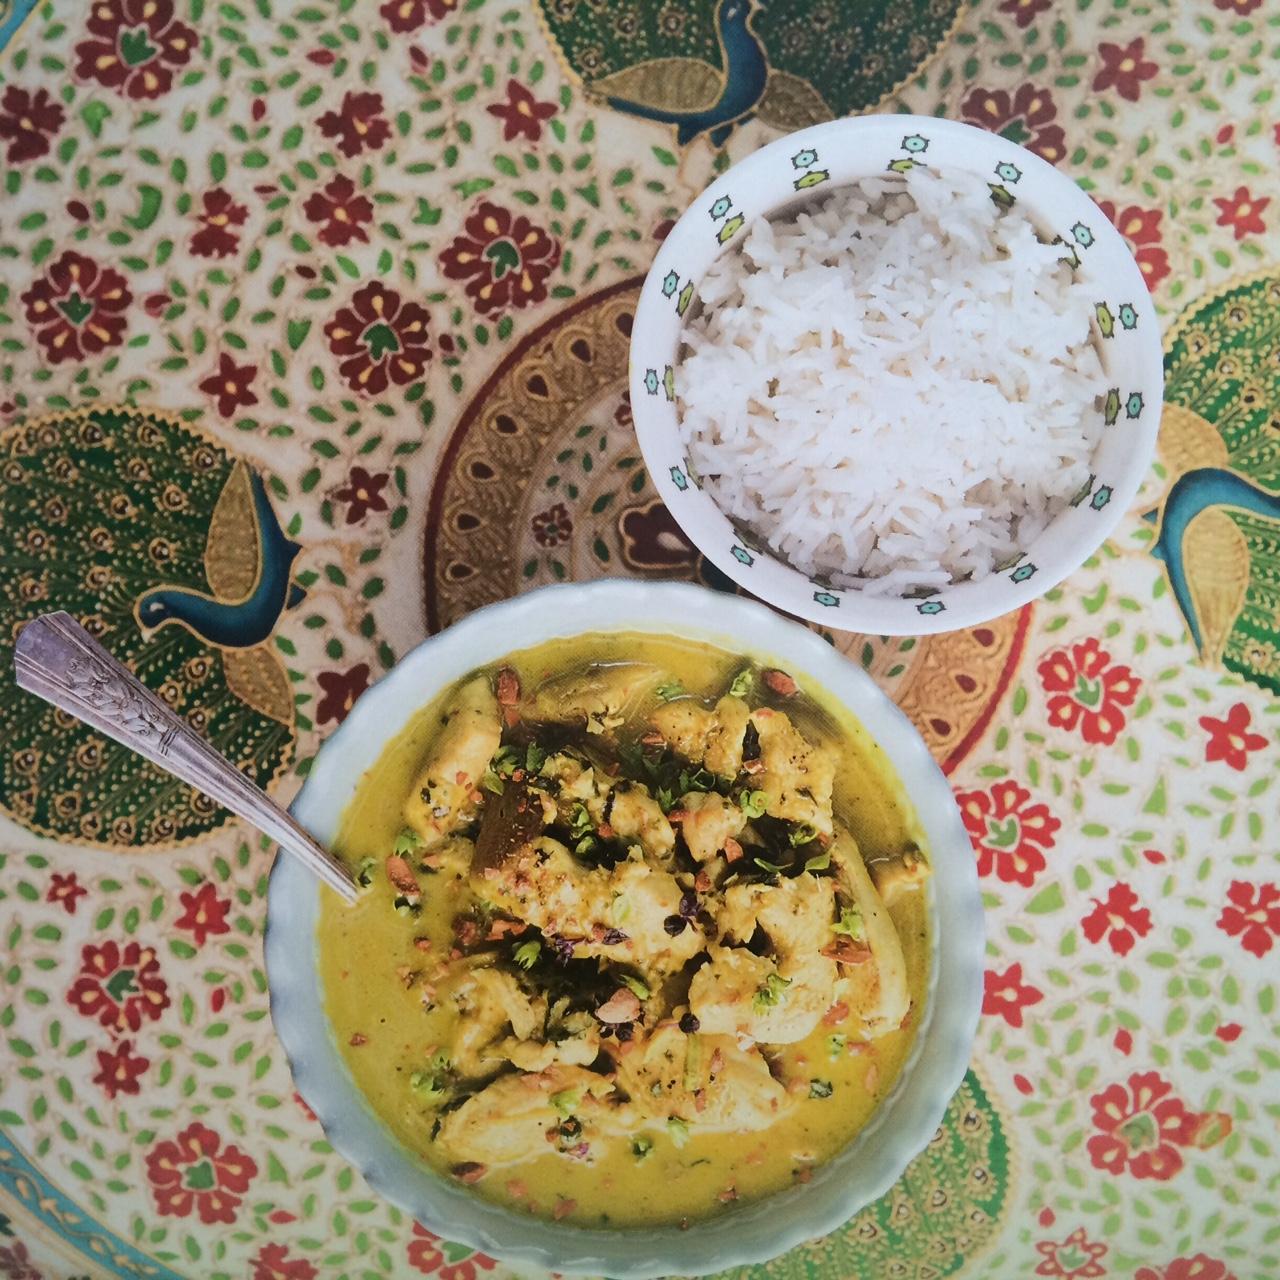 Pollo al curry con albahaca y leche de coco